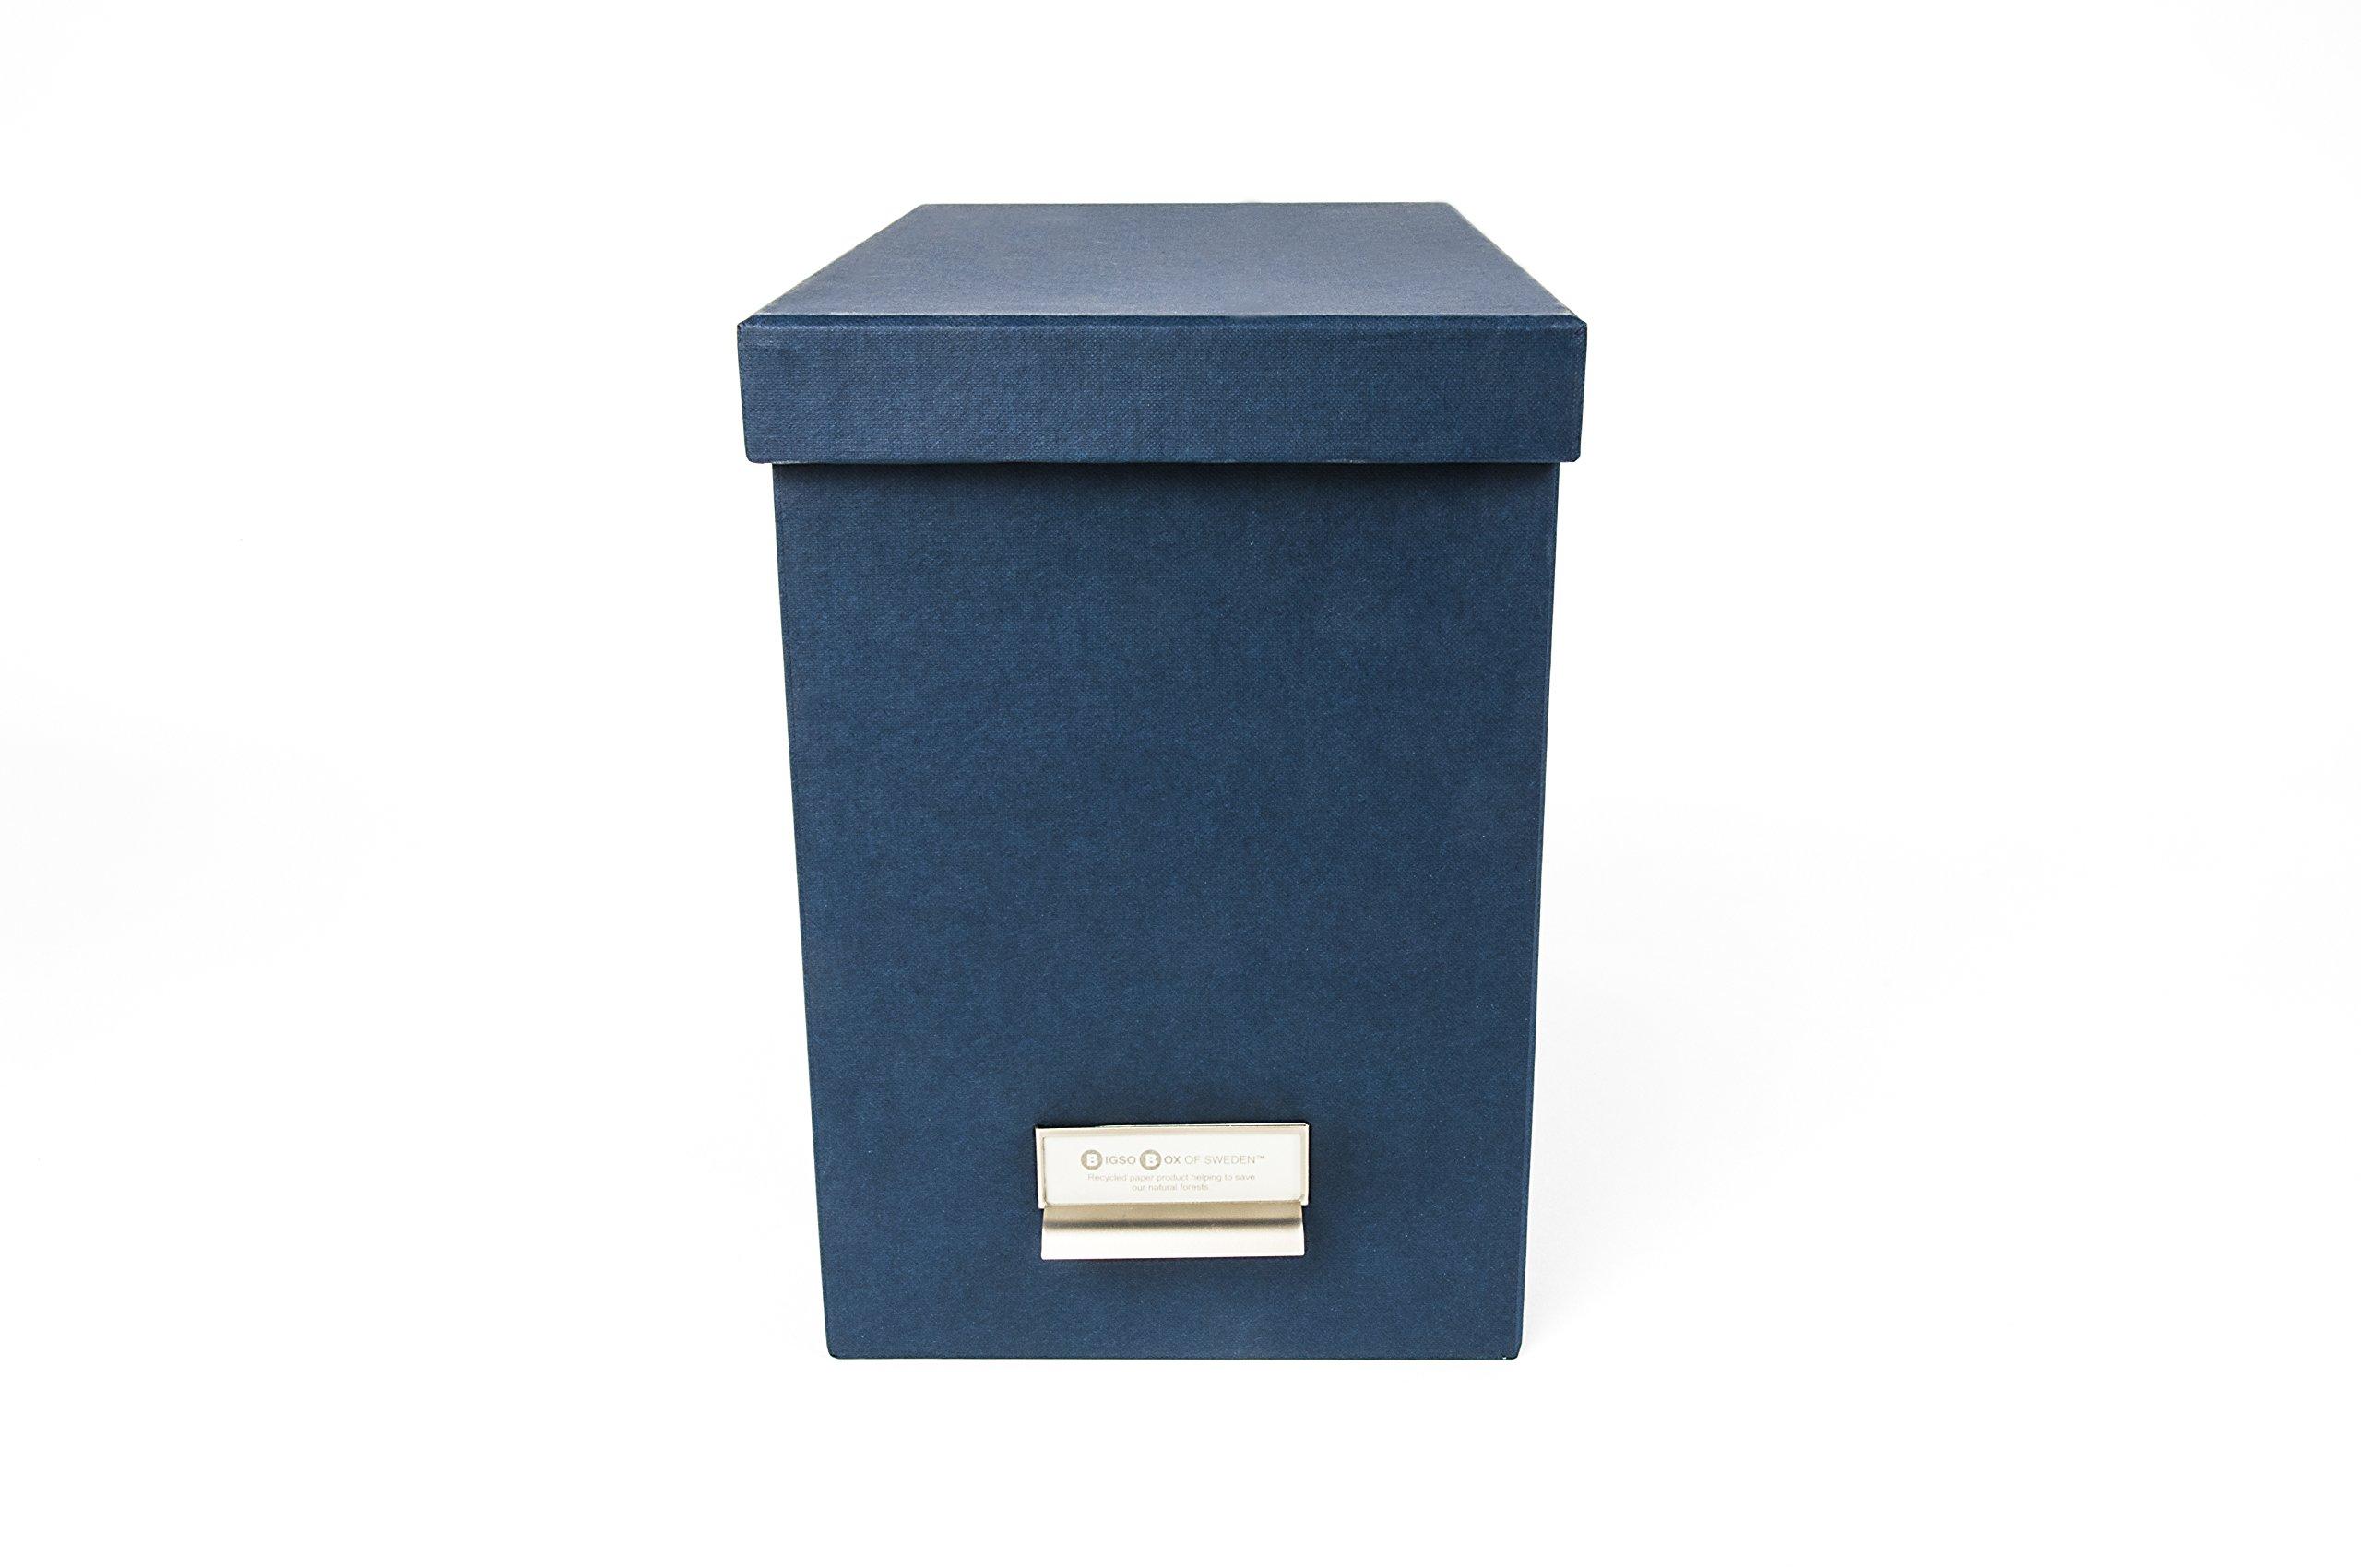 Bigso 954156944 John Desktop File Storage Box, Blue